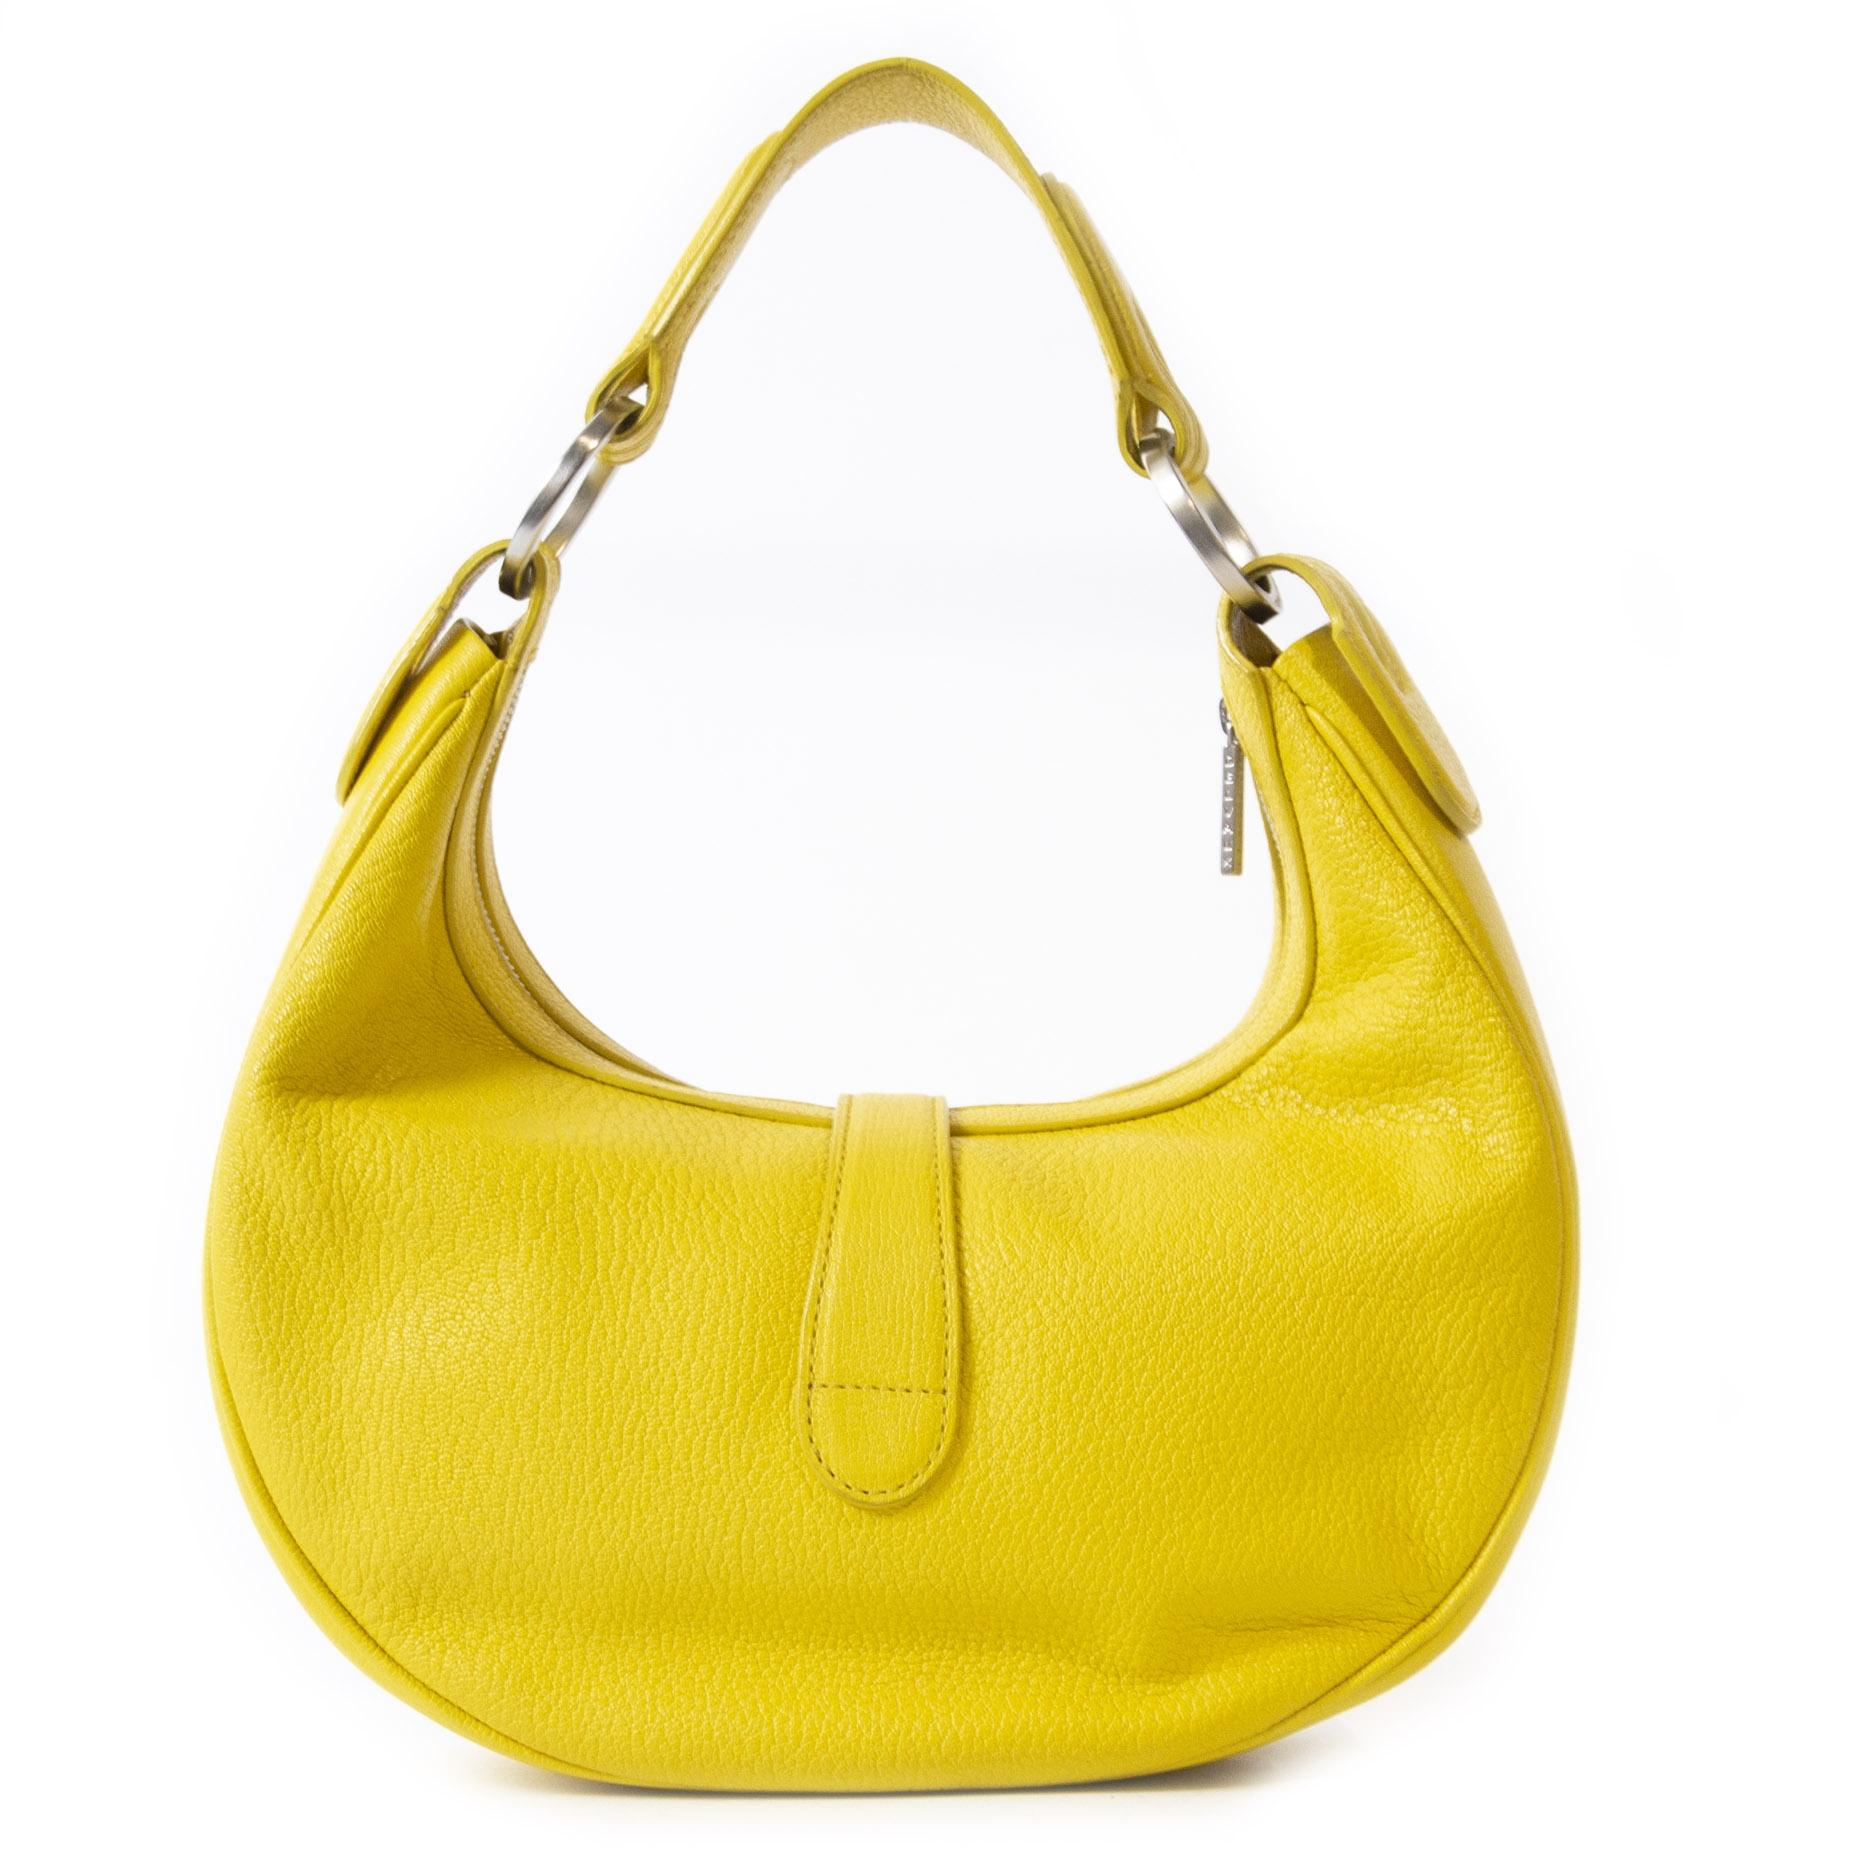 Authentieke Tweedehands Delvaux Camille Yellow Leather Shoulder bag juiste prijs veilig online winkelen luxe webshop winkelen Antwerpen België mode fashion